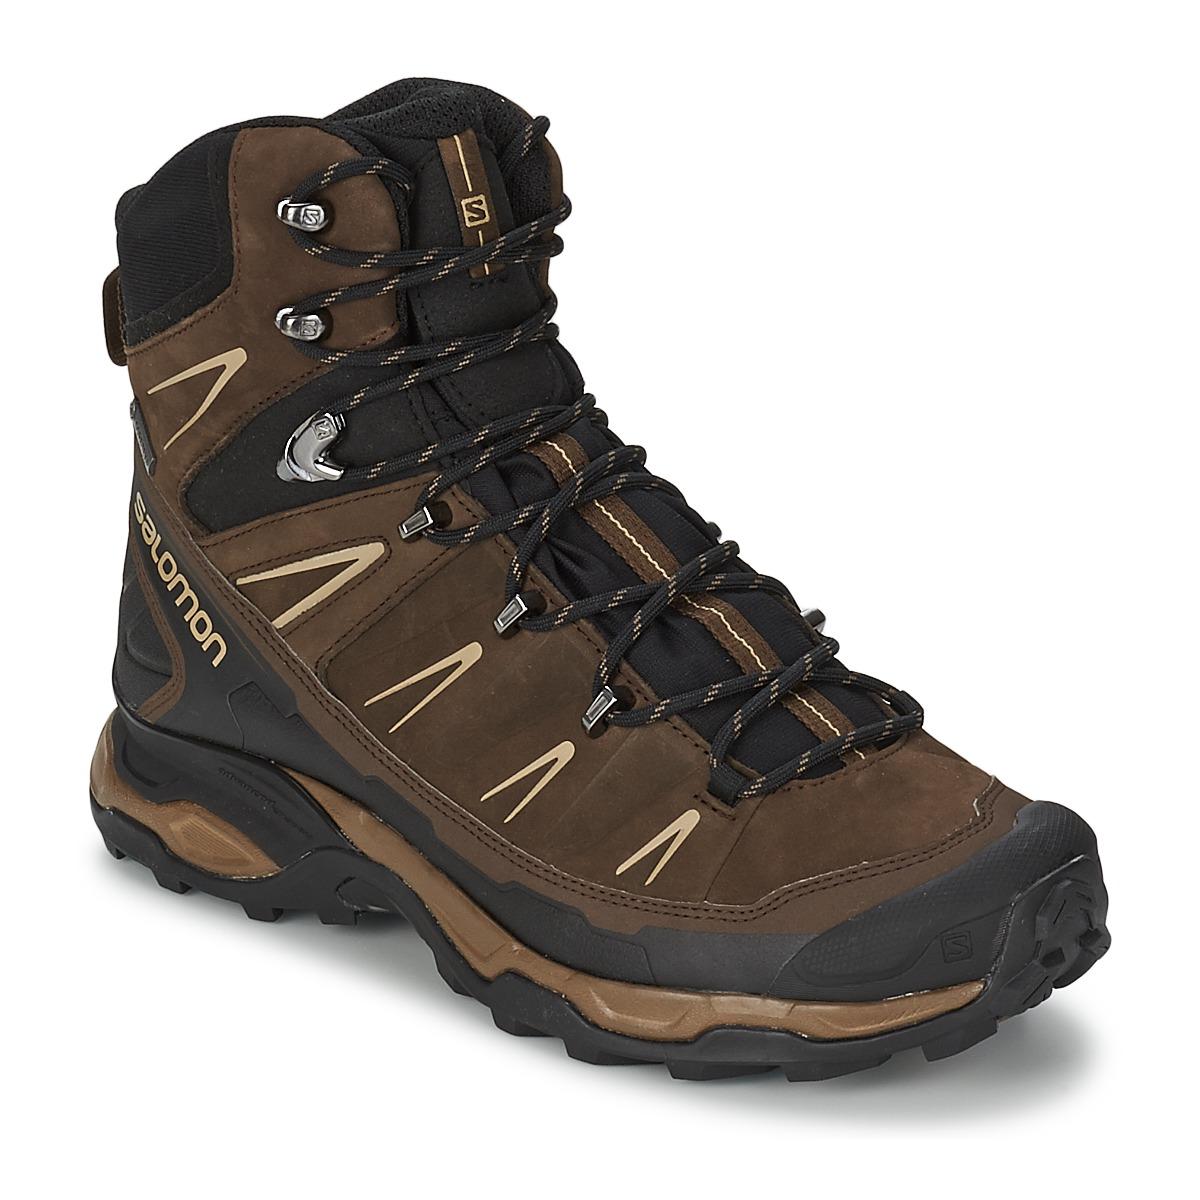 Salomon X ULTRA TREK GTX® Marron Noir Livraison Gratuite avec ! Chaussures Chaussures de randonnee Homme 160,20 €